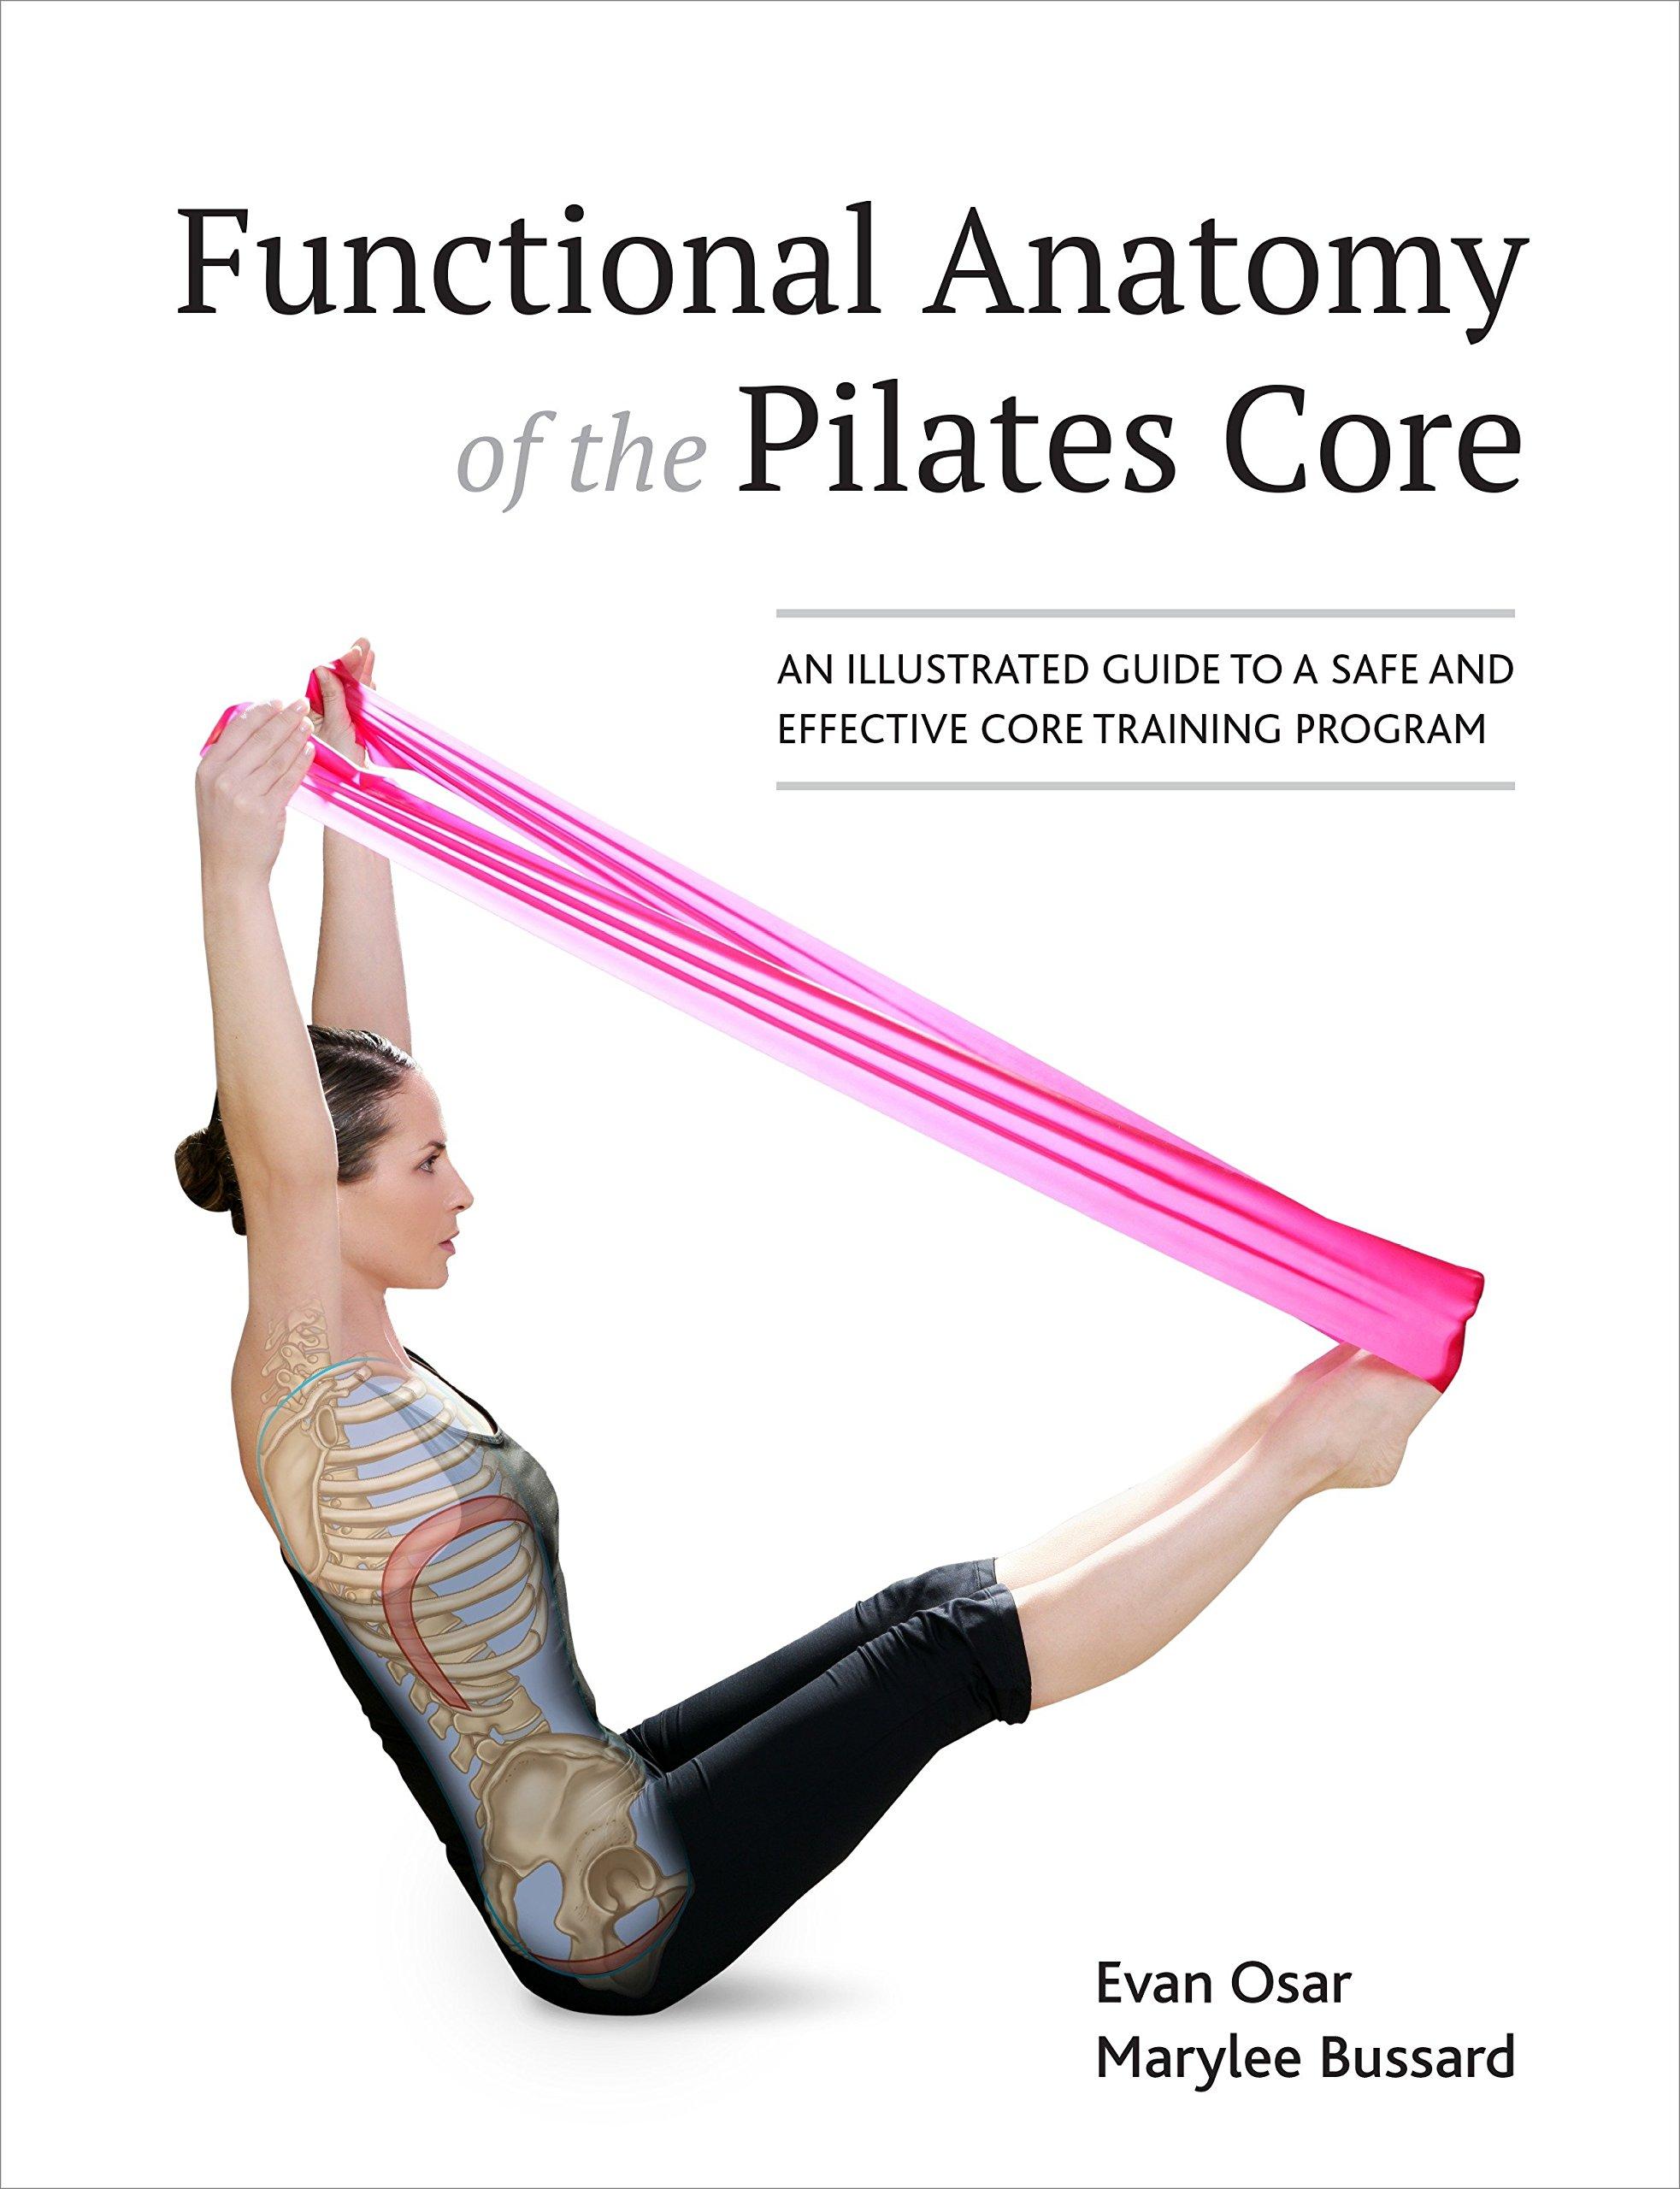 Niedlich Anatomy And Physiology Courses For Pilates Zeitgenössisch ...